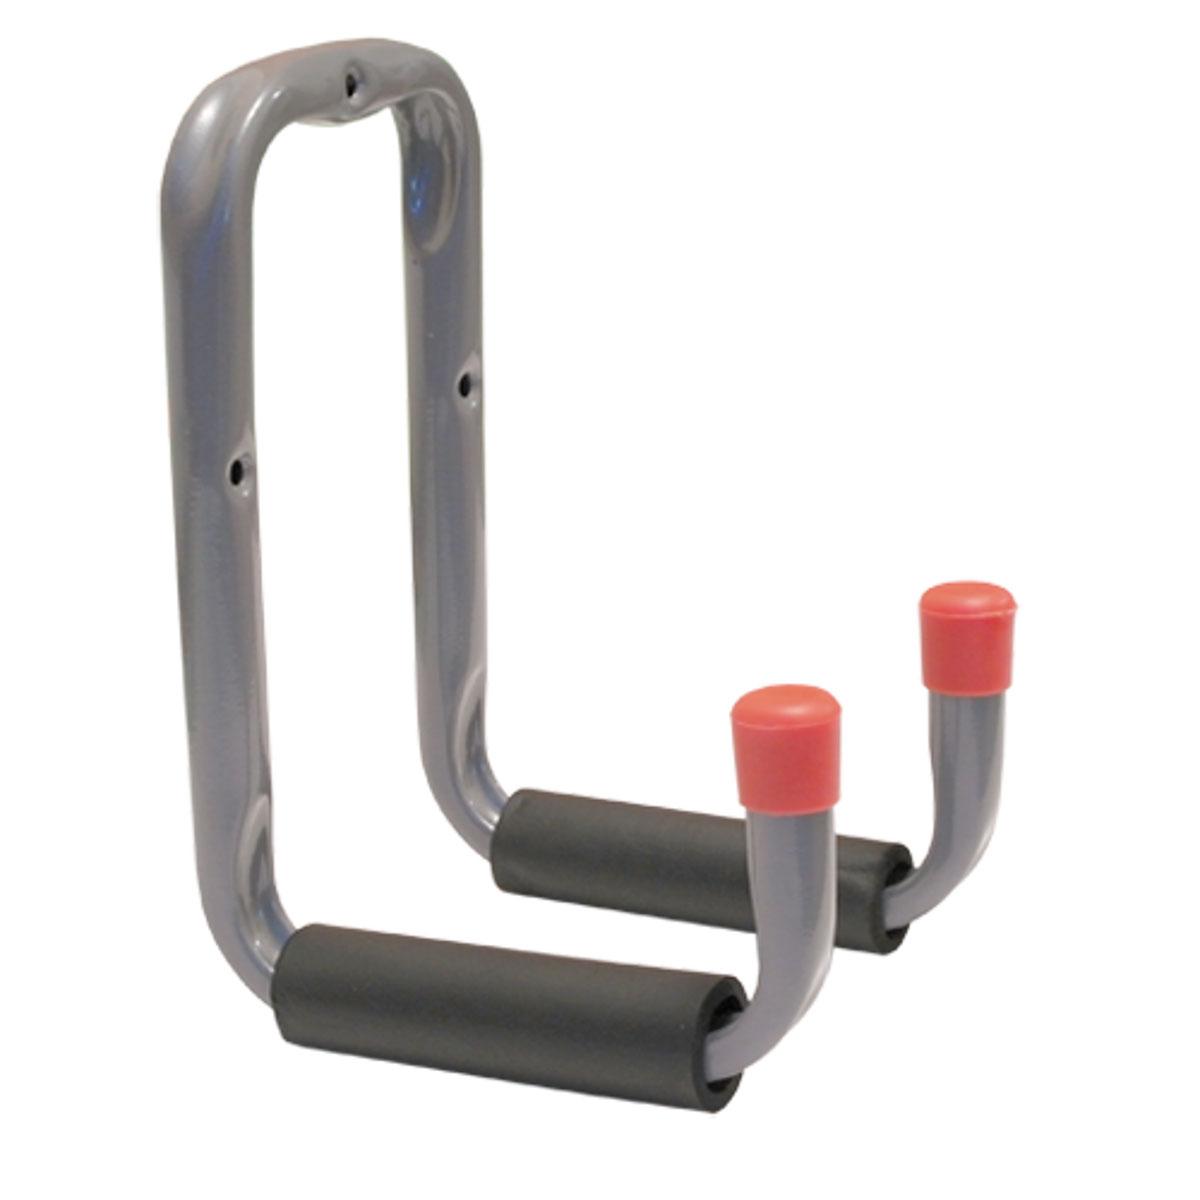 Кронштейн П-образный двойной МастерПрофТД.010015Двойной прочный кронштейн для хранения стремянок, спортивного оборудования, лестниц и прочего. Максимальная нагрузка 22,7 кг.